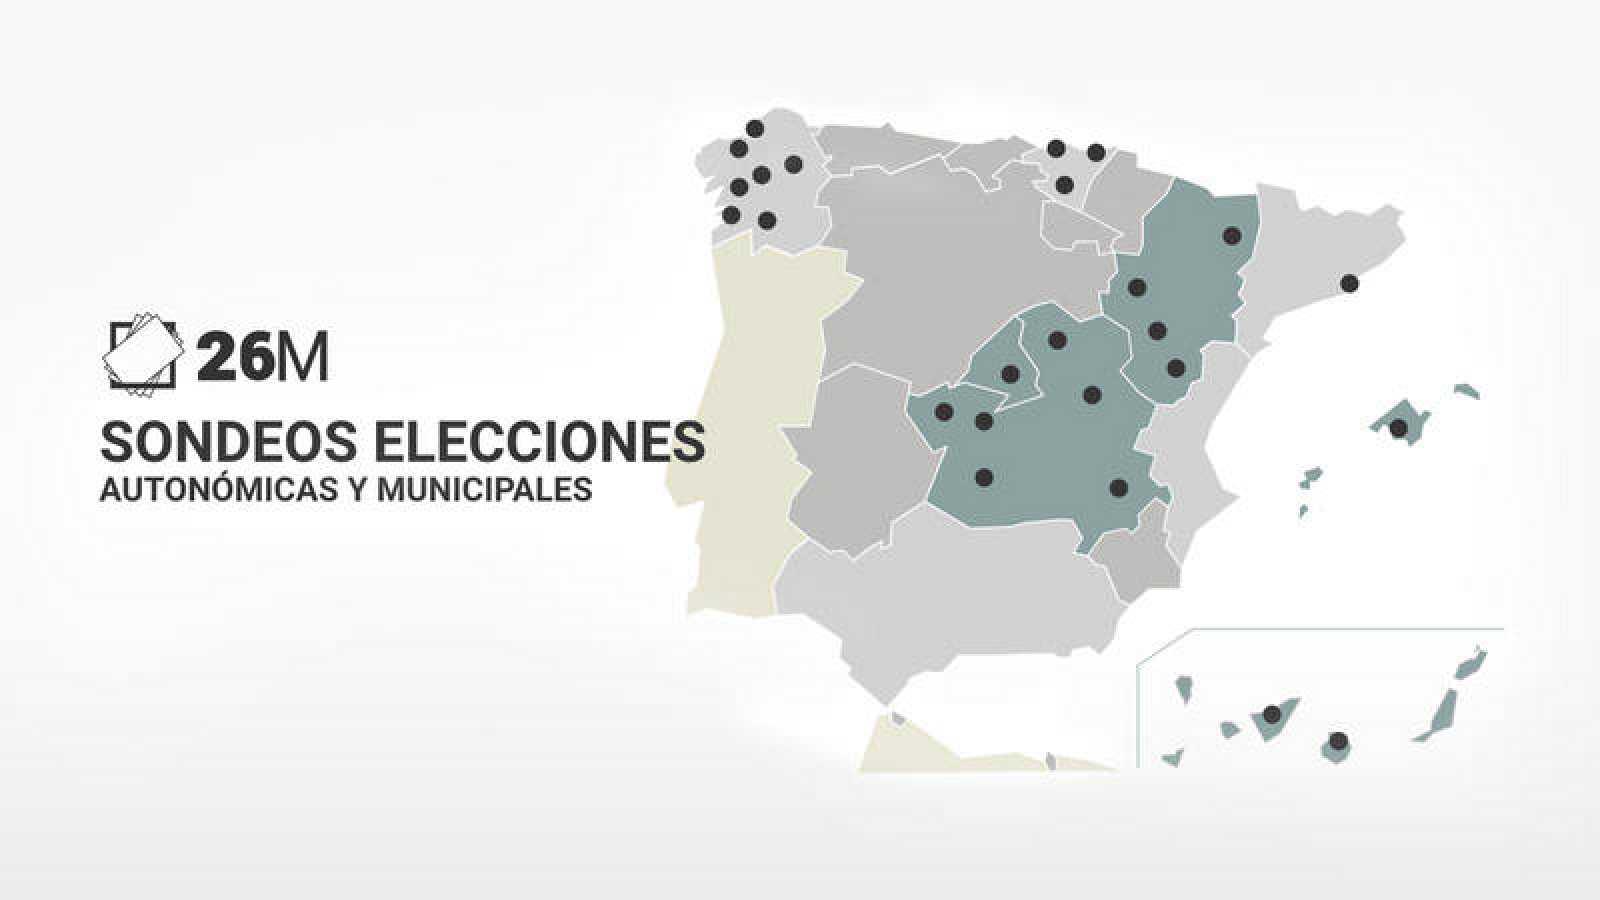 El PSOE mantiene el gobierno en Castilla-La Mancha, Baleares y Aragón y lo ganaría en la Comunidad de Madrid, según sondeos